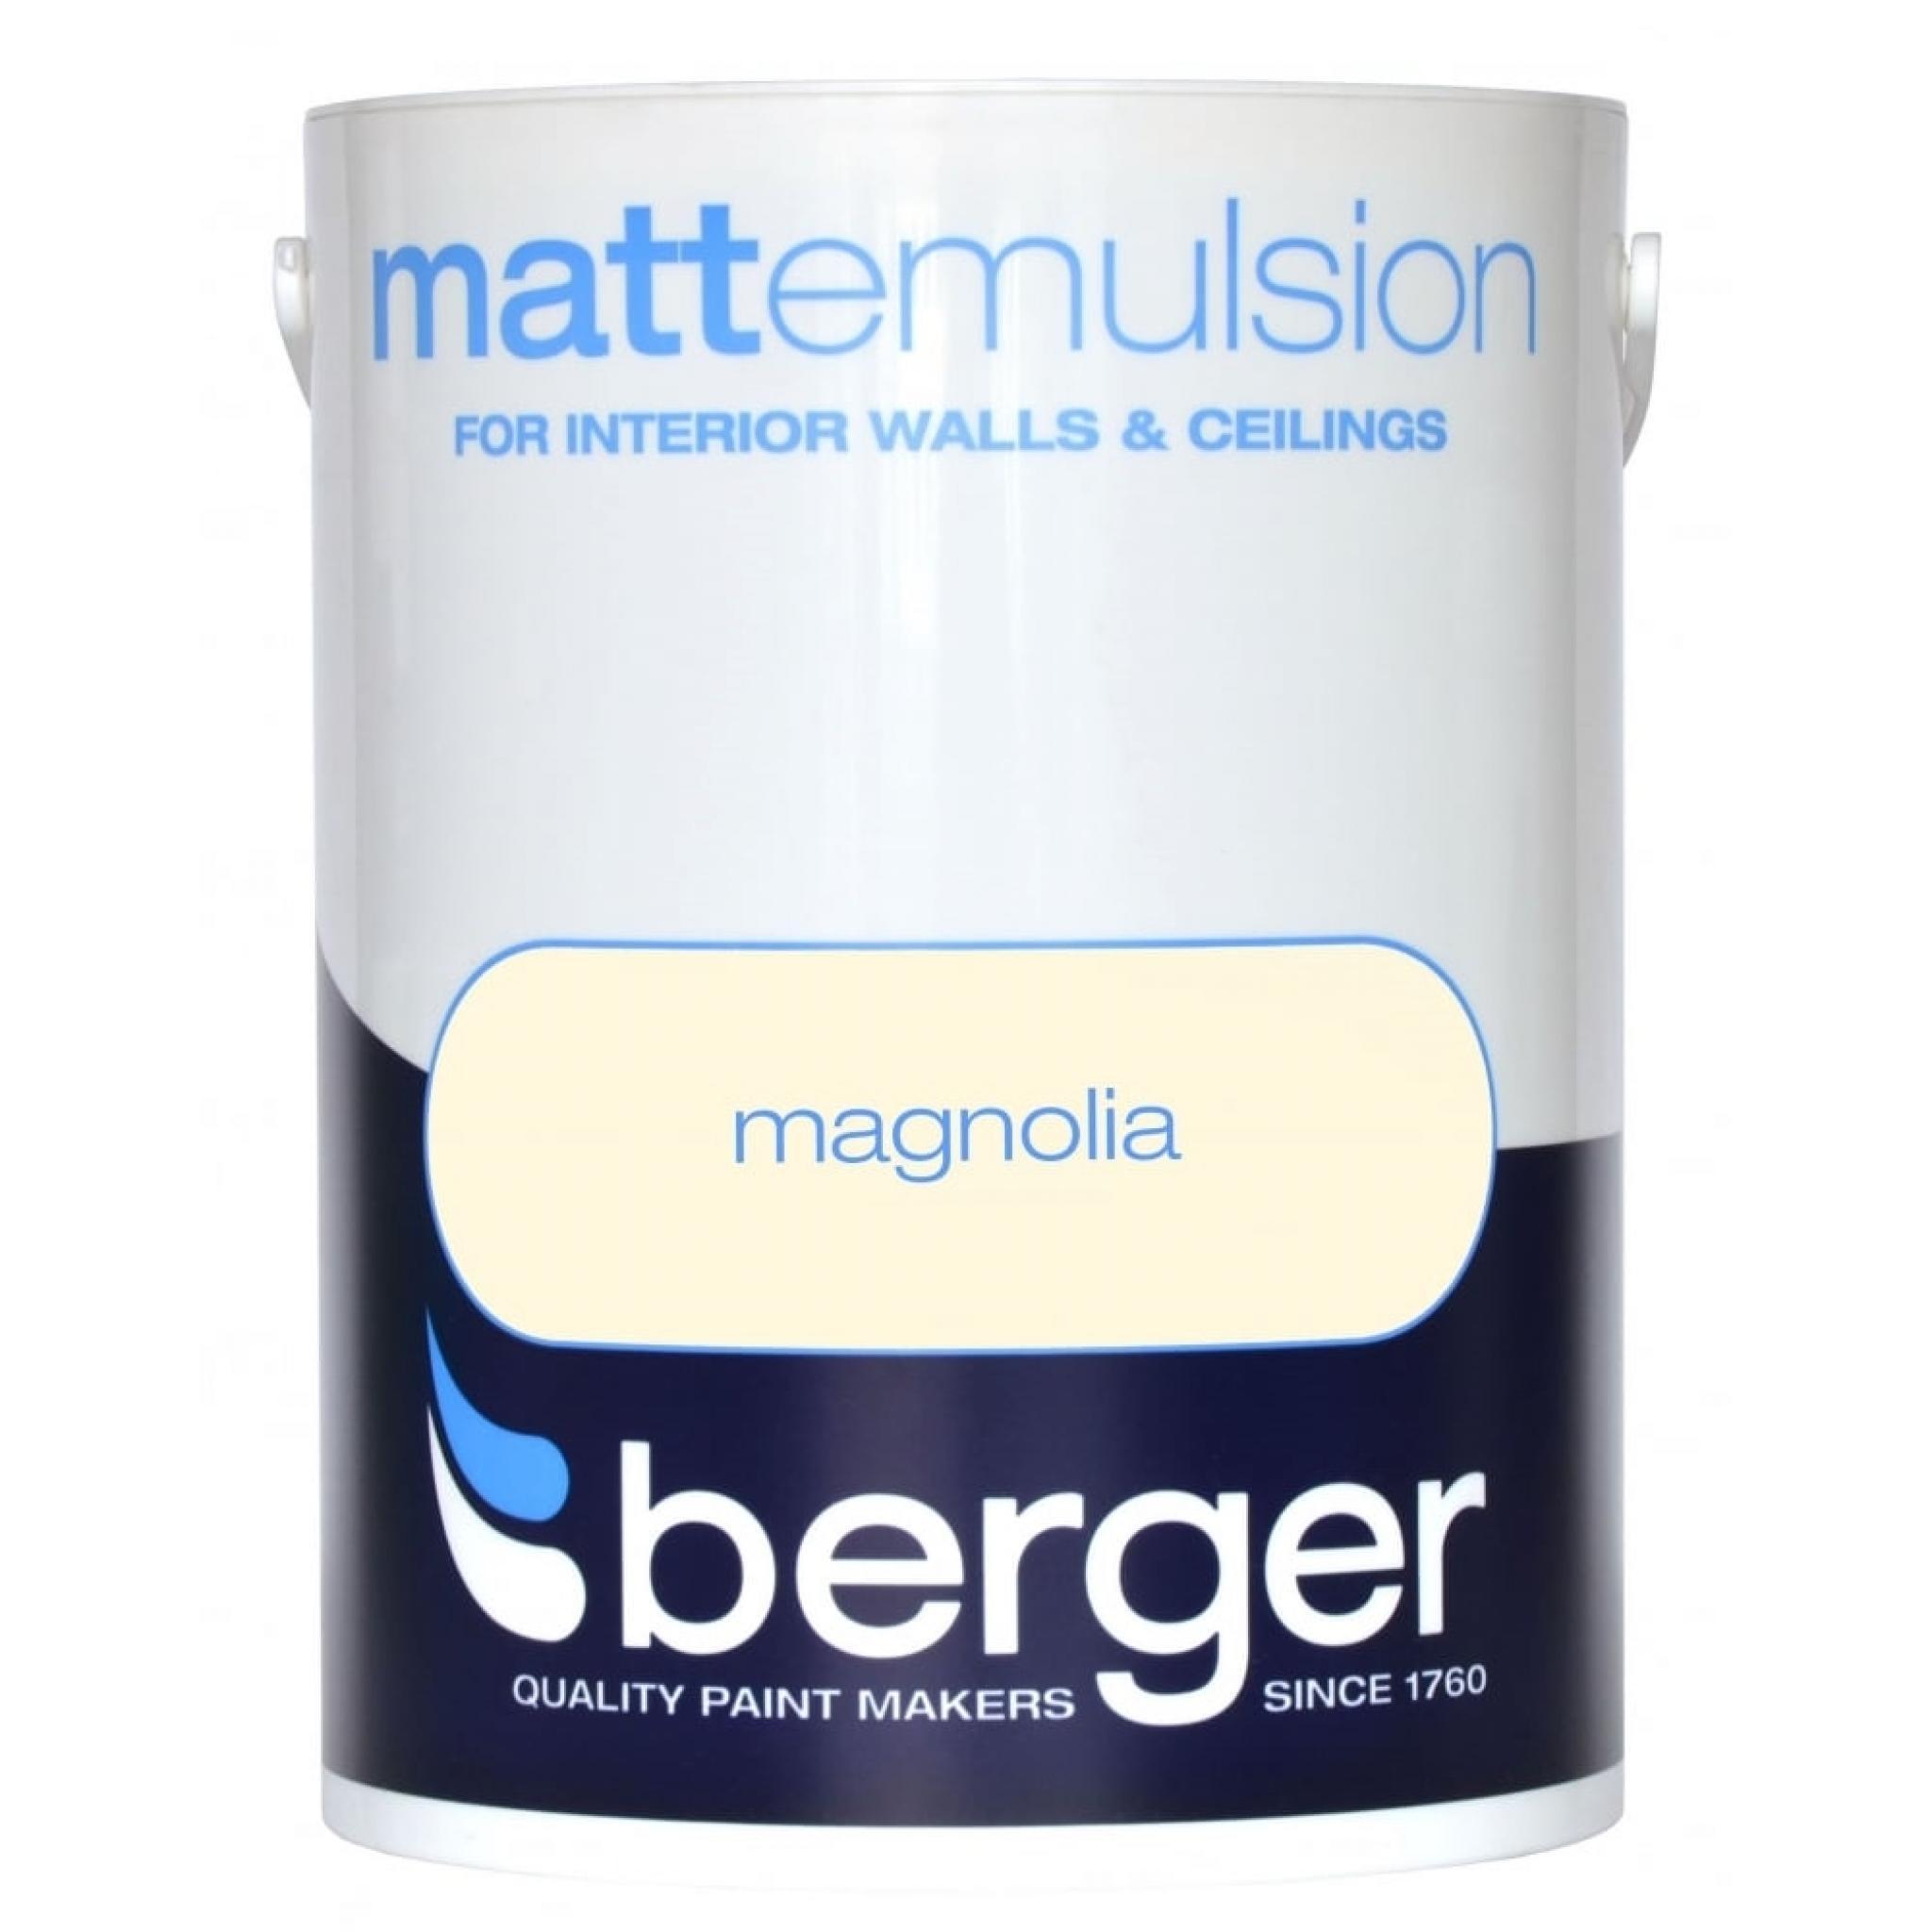 Berger Matt Emulsion Magnolia 5L